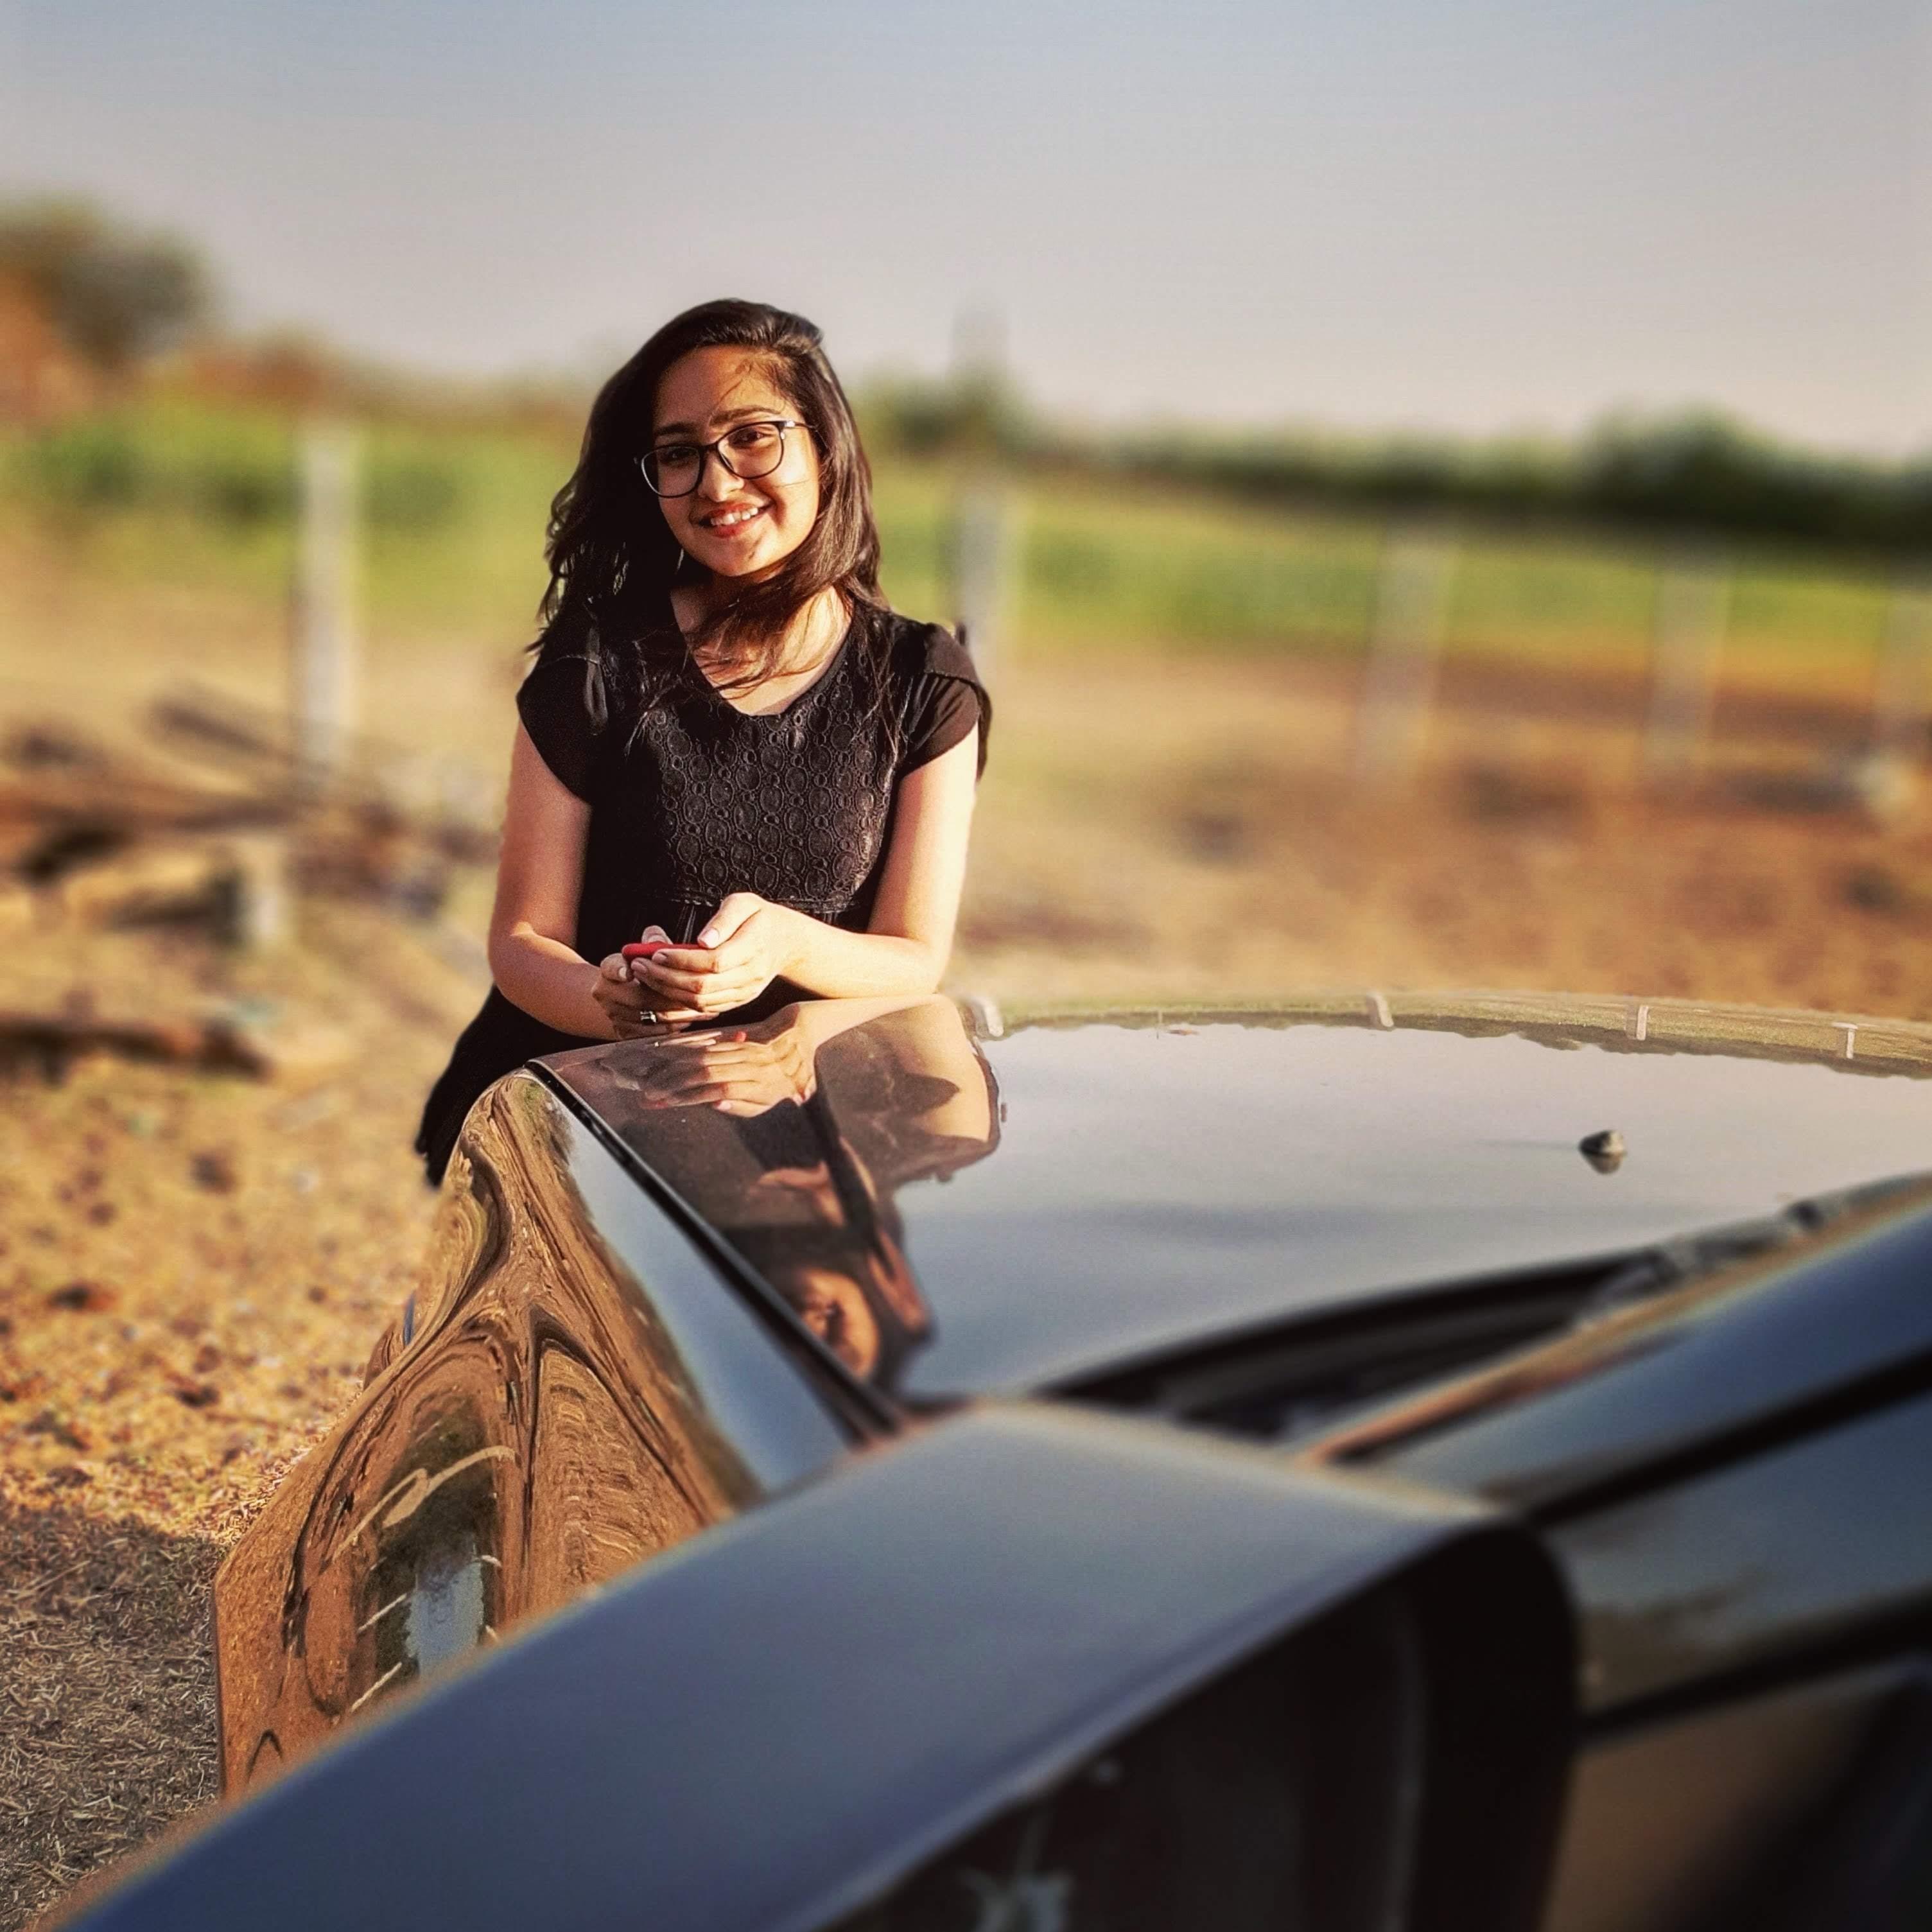 જાહ્નવી ગુજરાતના જાણીતા ફોક સિંગર બહાદુર ગઢવી સાથે પણ ગાઈ ચૂકી છે.